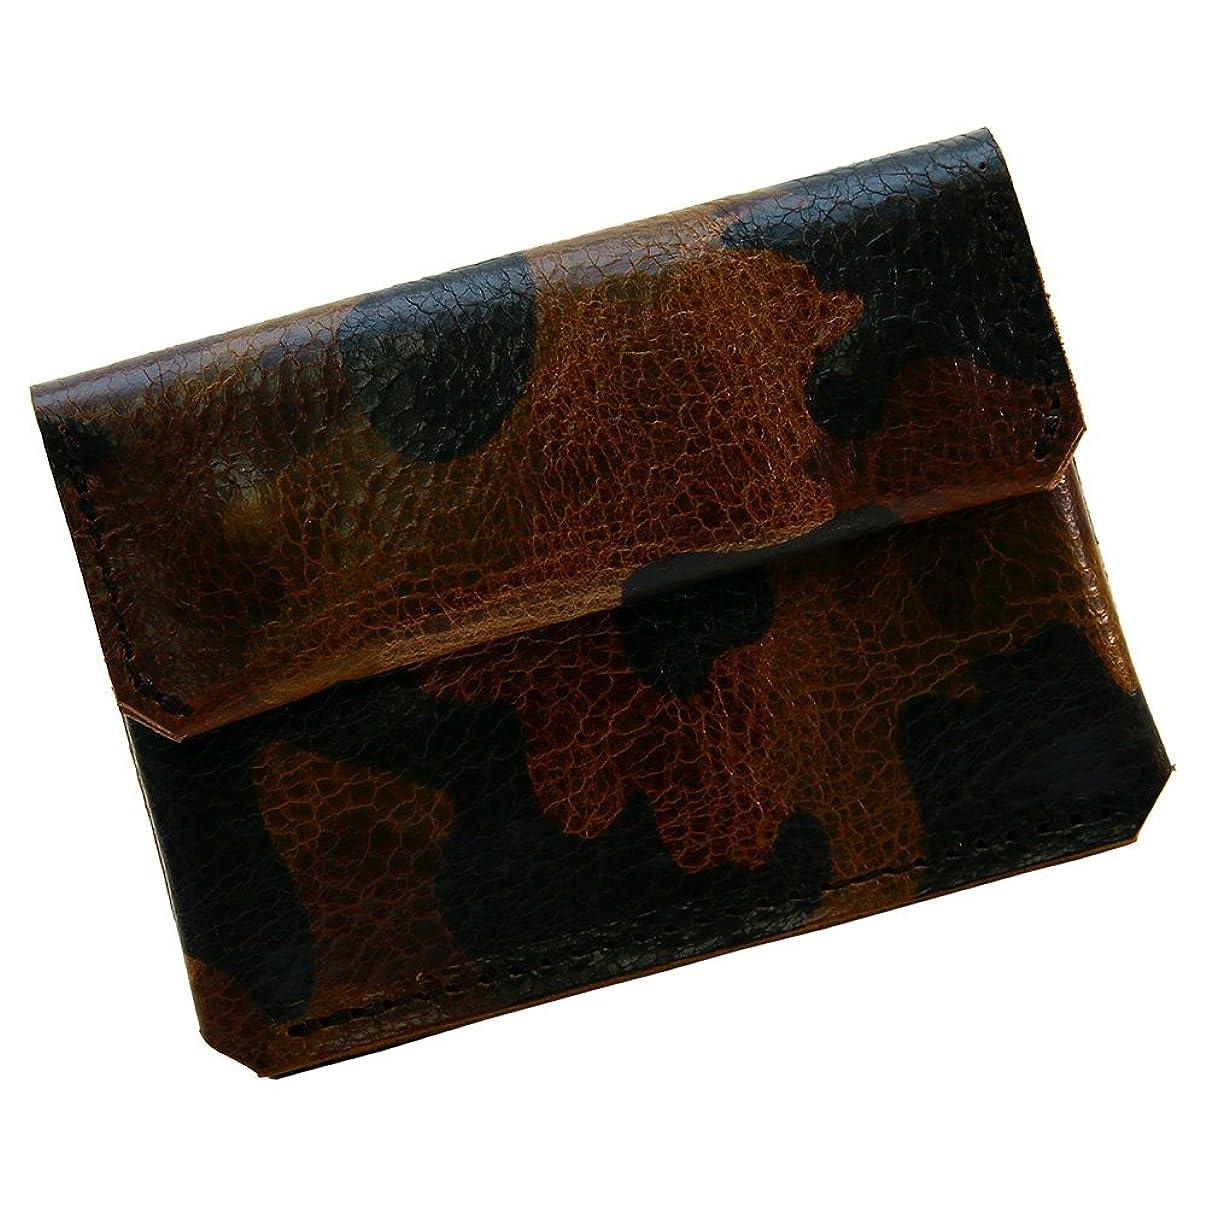 オフアンカー兵器庫アジリティアッファ(AGILITY affa)『チェストウォレット』財布 極小財布 コンパクト ウォレット 迷彩 カモフラージュ カードケース 小さい